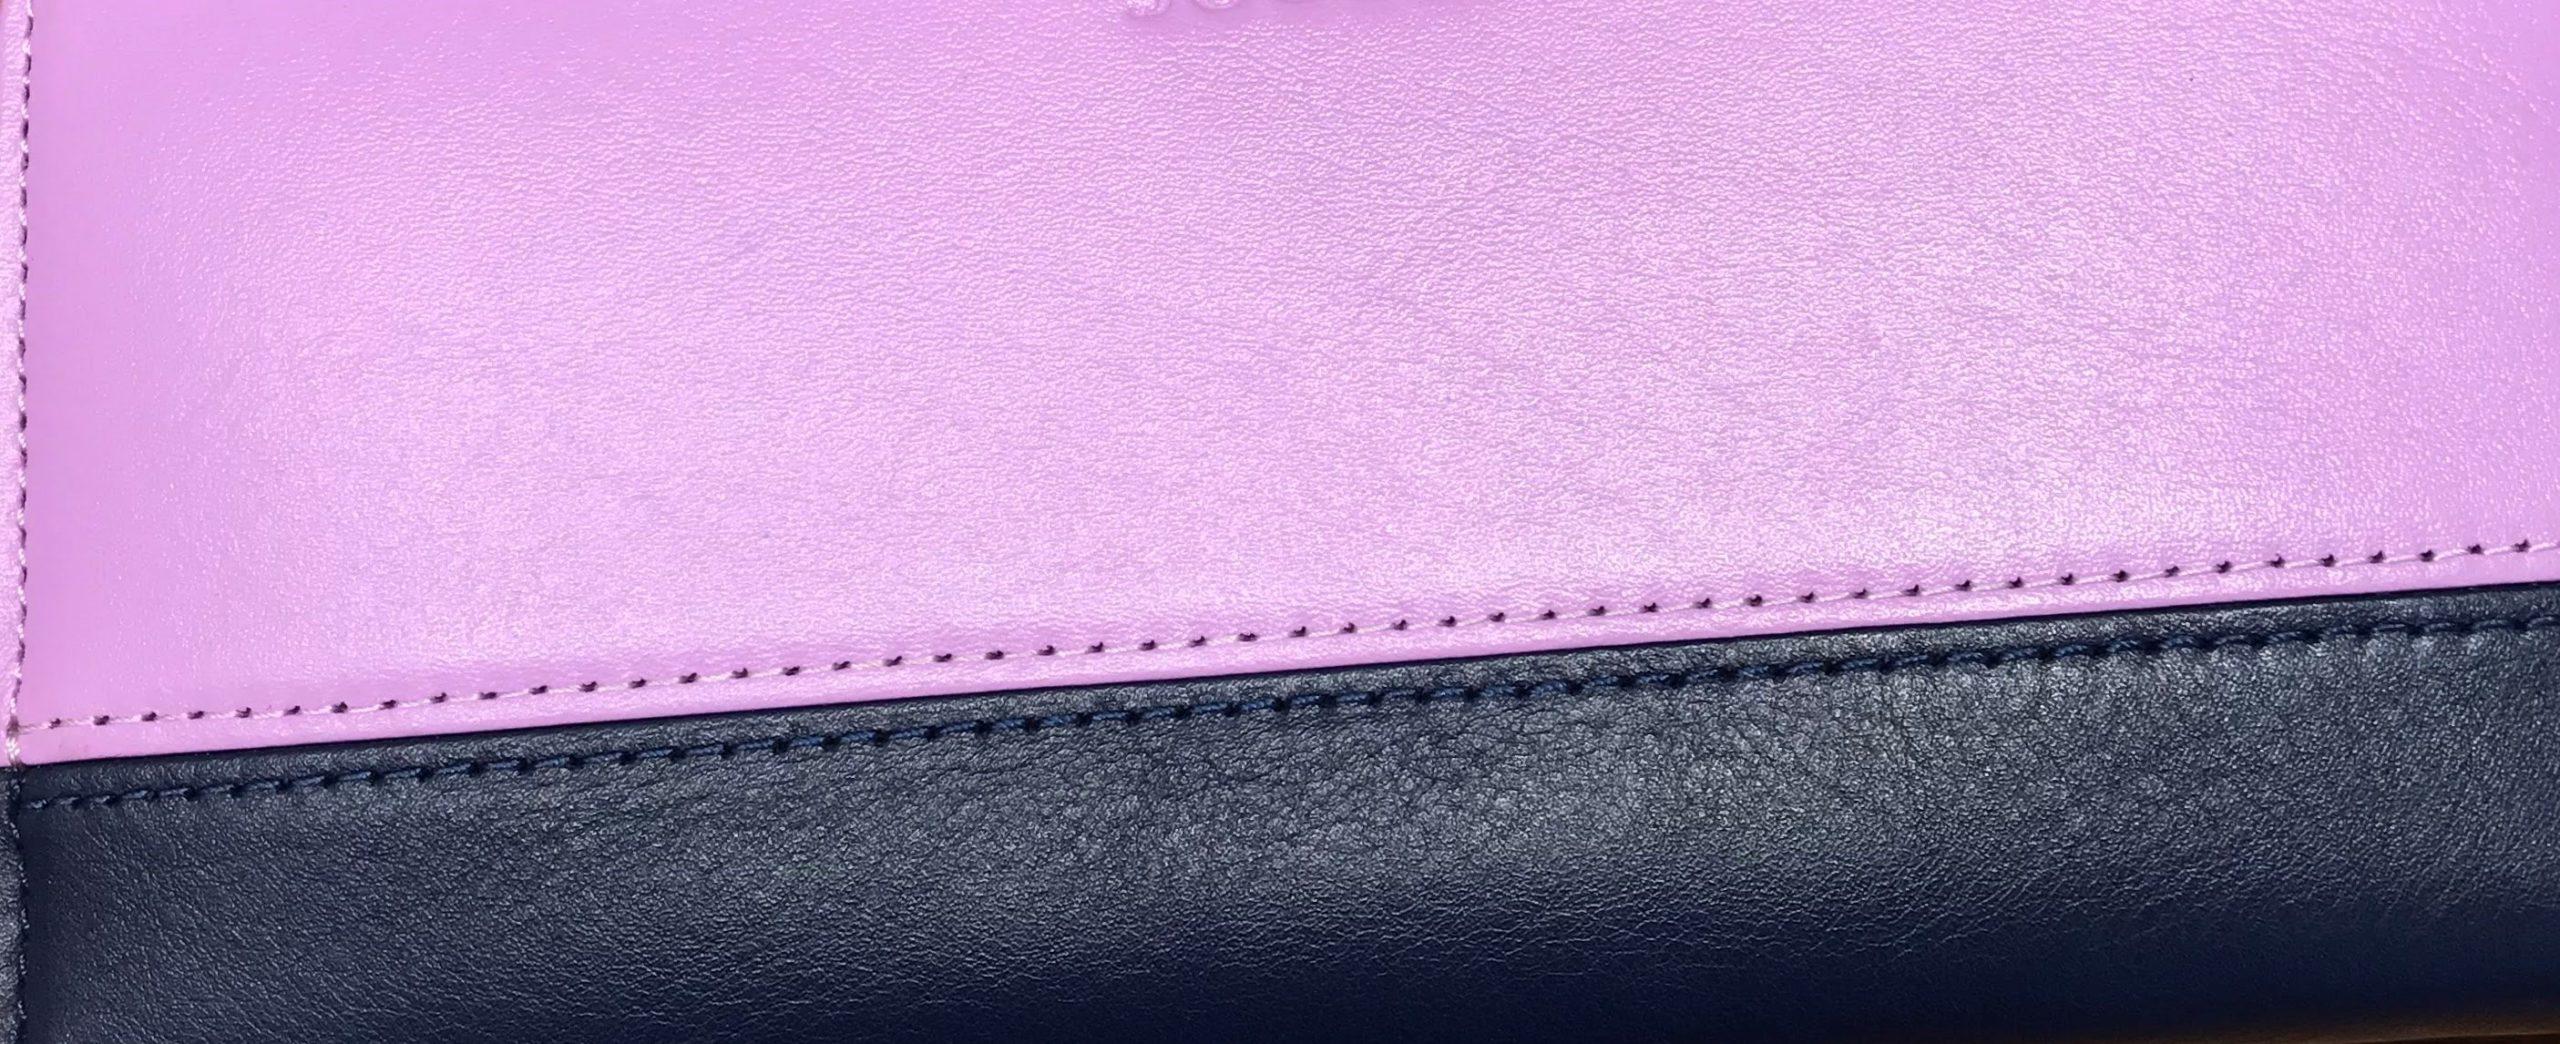 紫色の財布